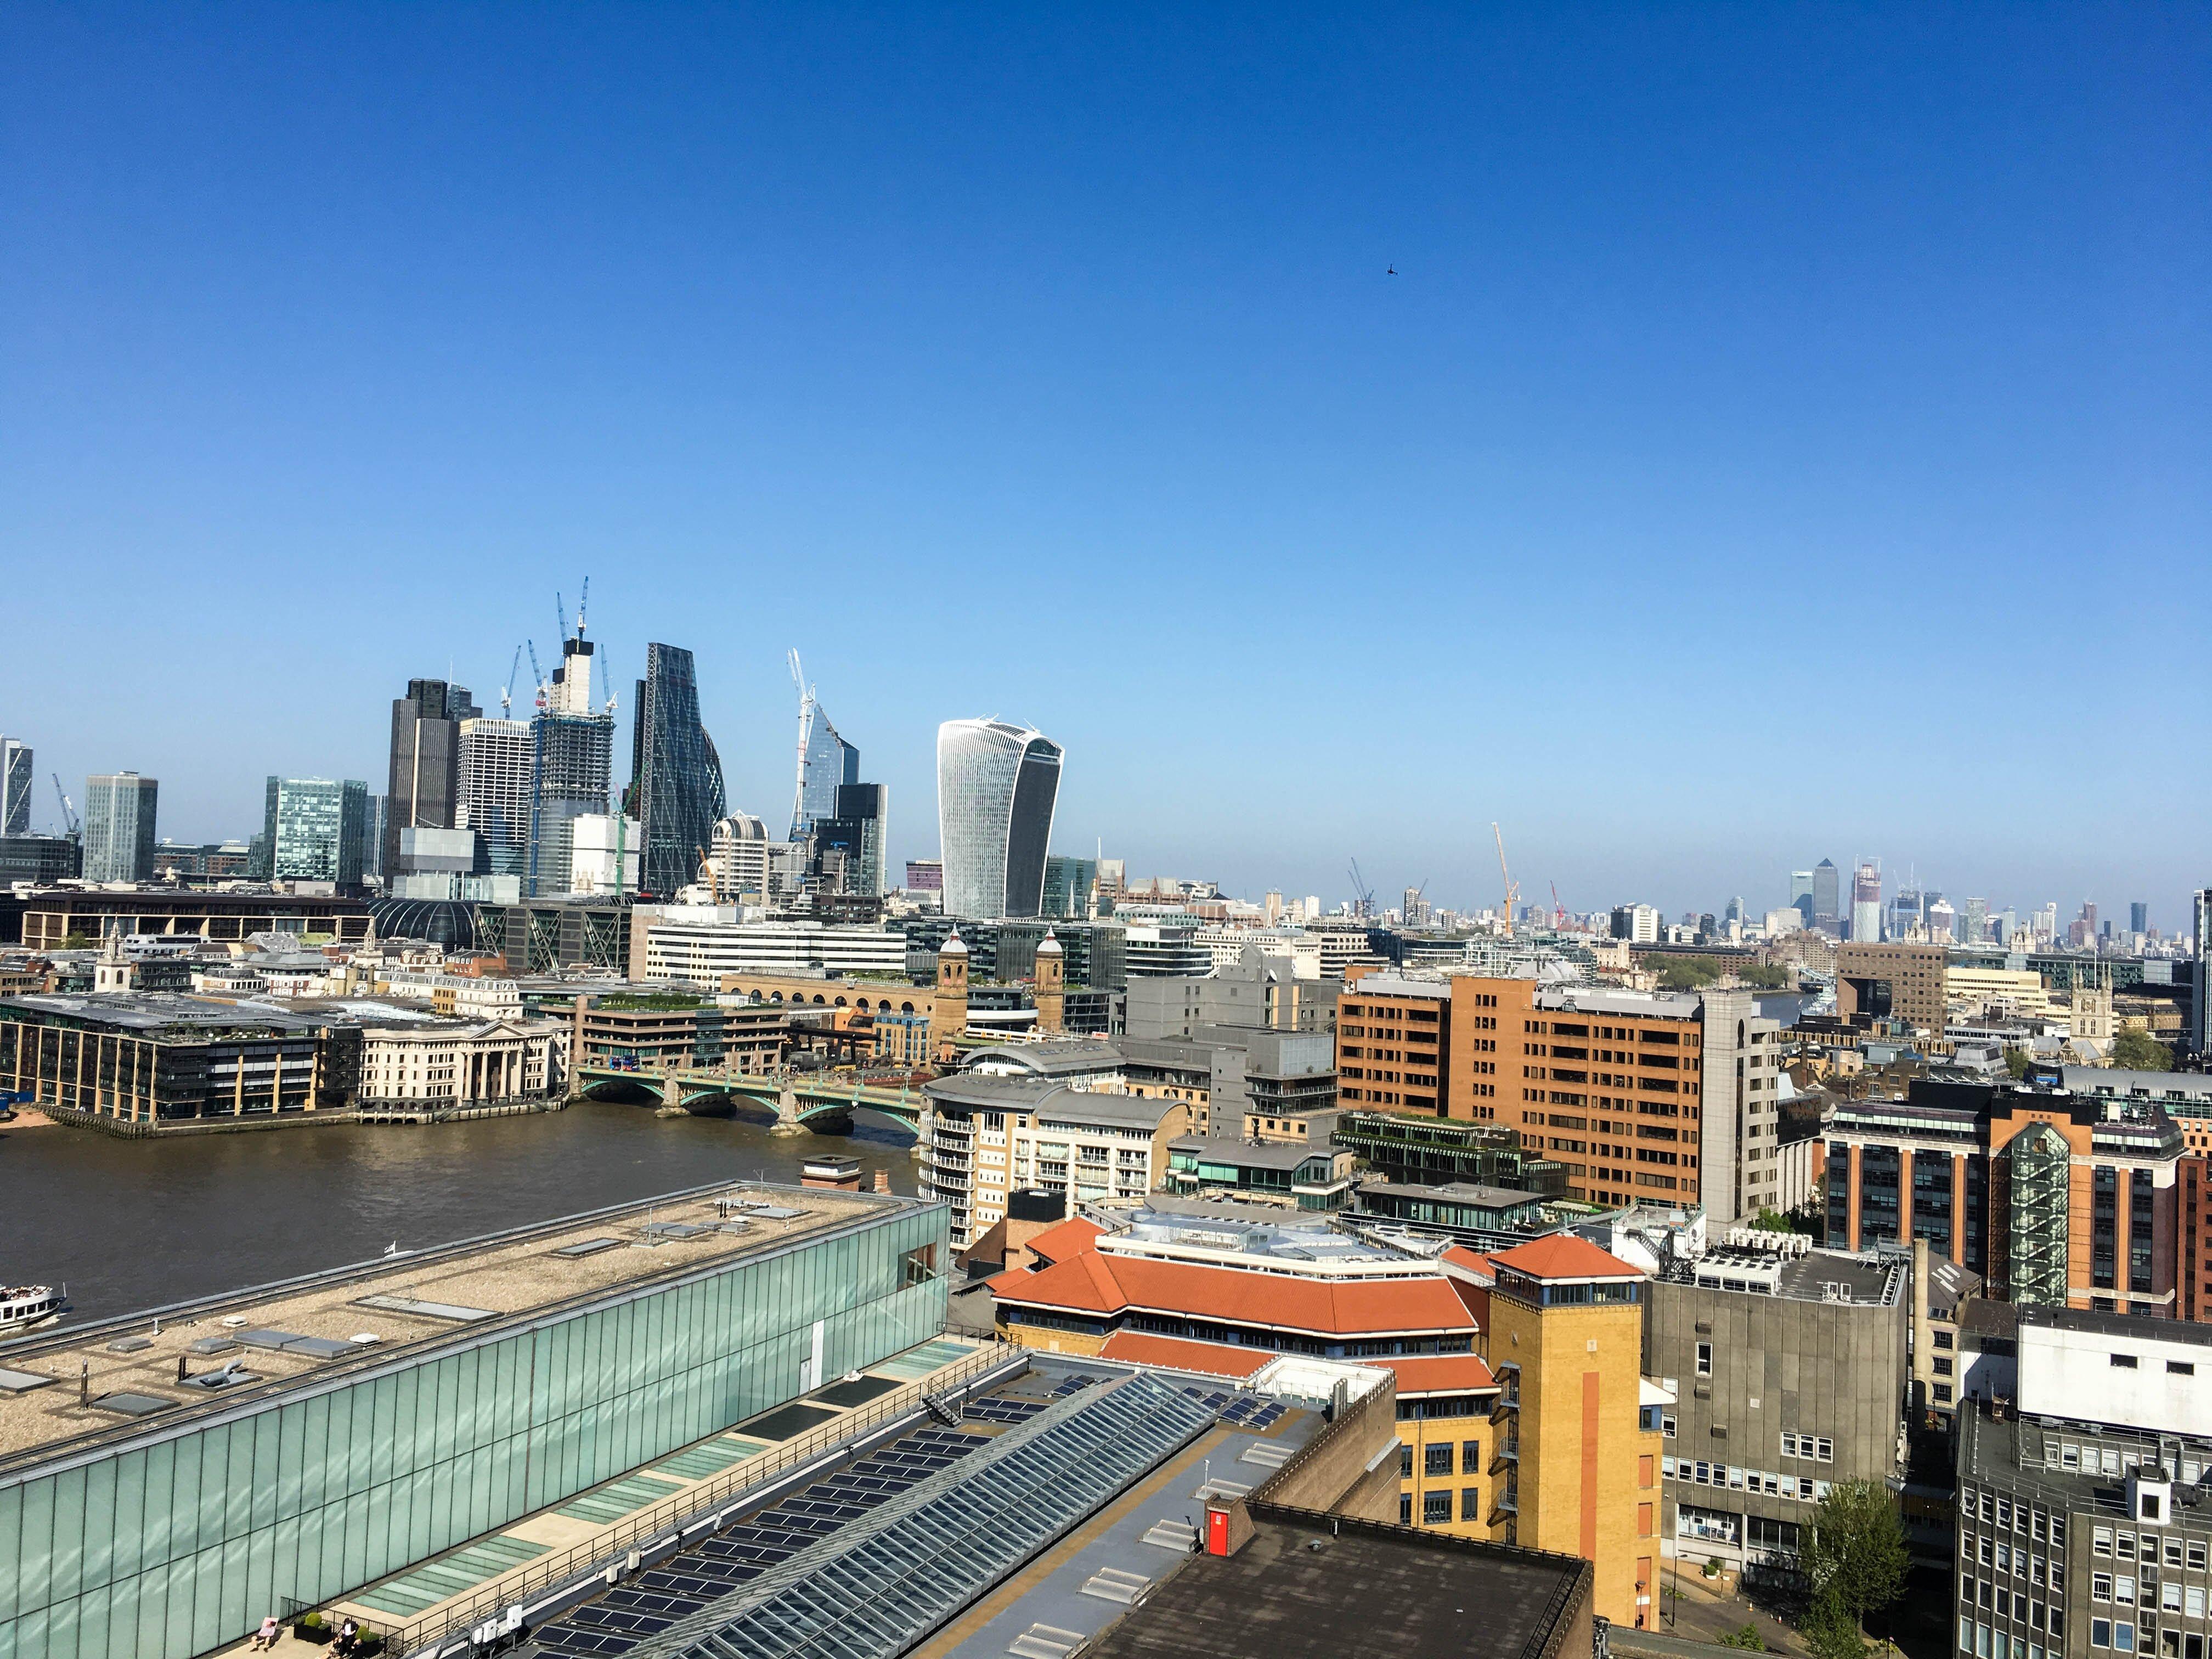 Londyn, Subiektywny przewodnik po Londynie, Gmale Goes To London, Bloger modowy w Londynie, Jak się ubrać do Londynu, Moda męska, Tate Modern